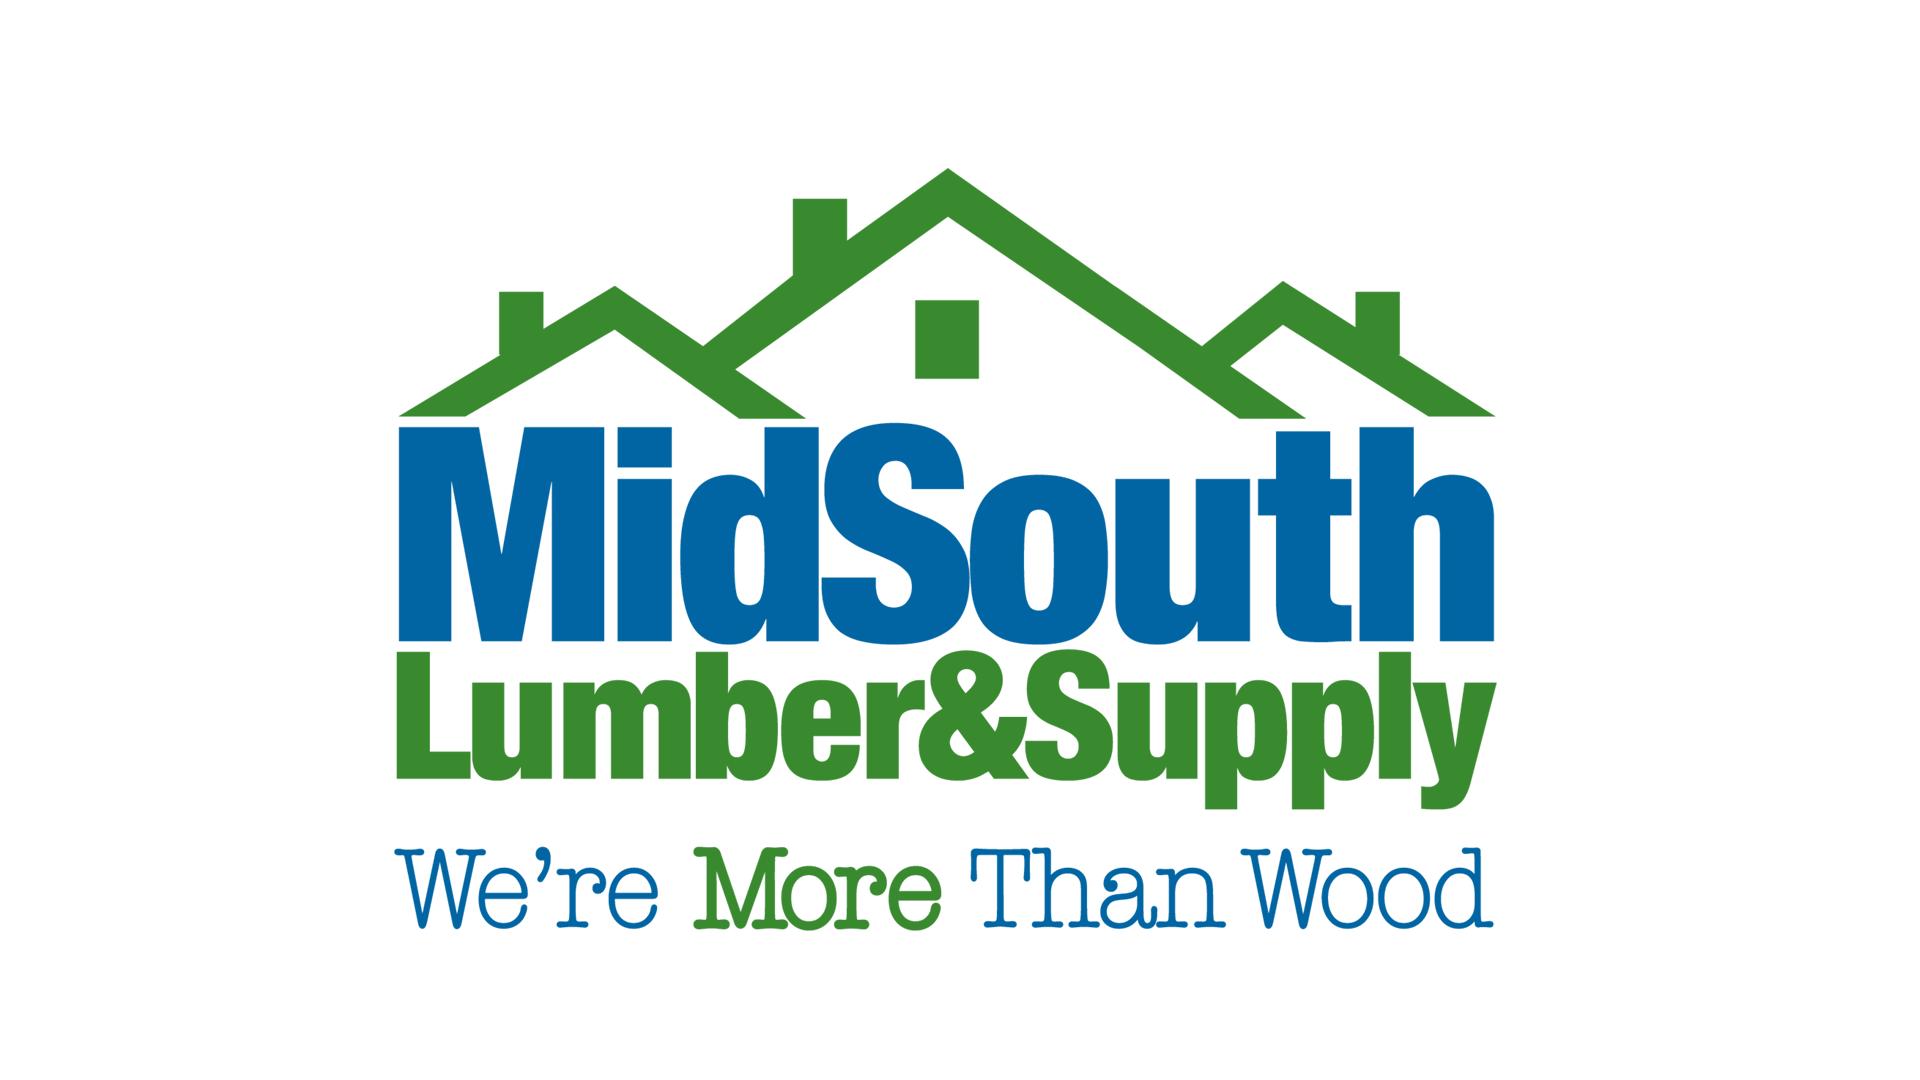 Midsouth Lumber